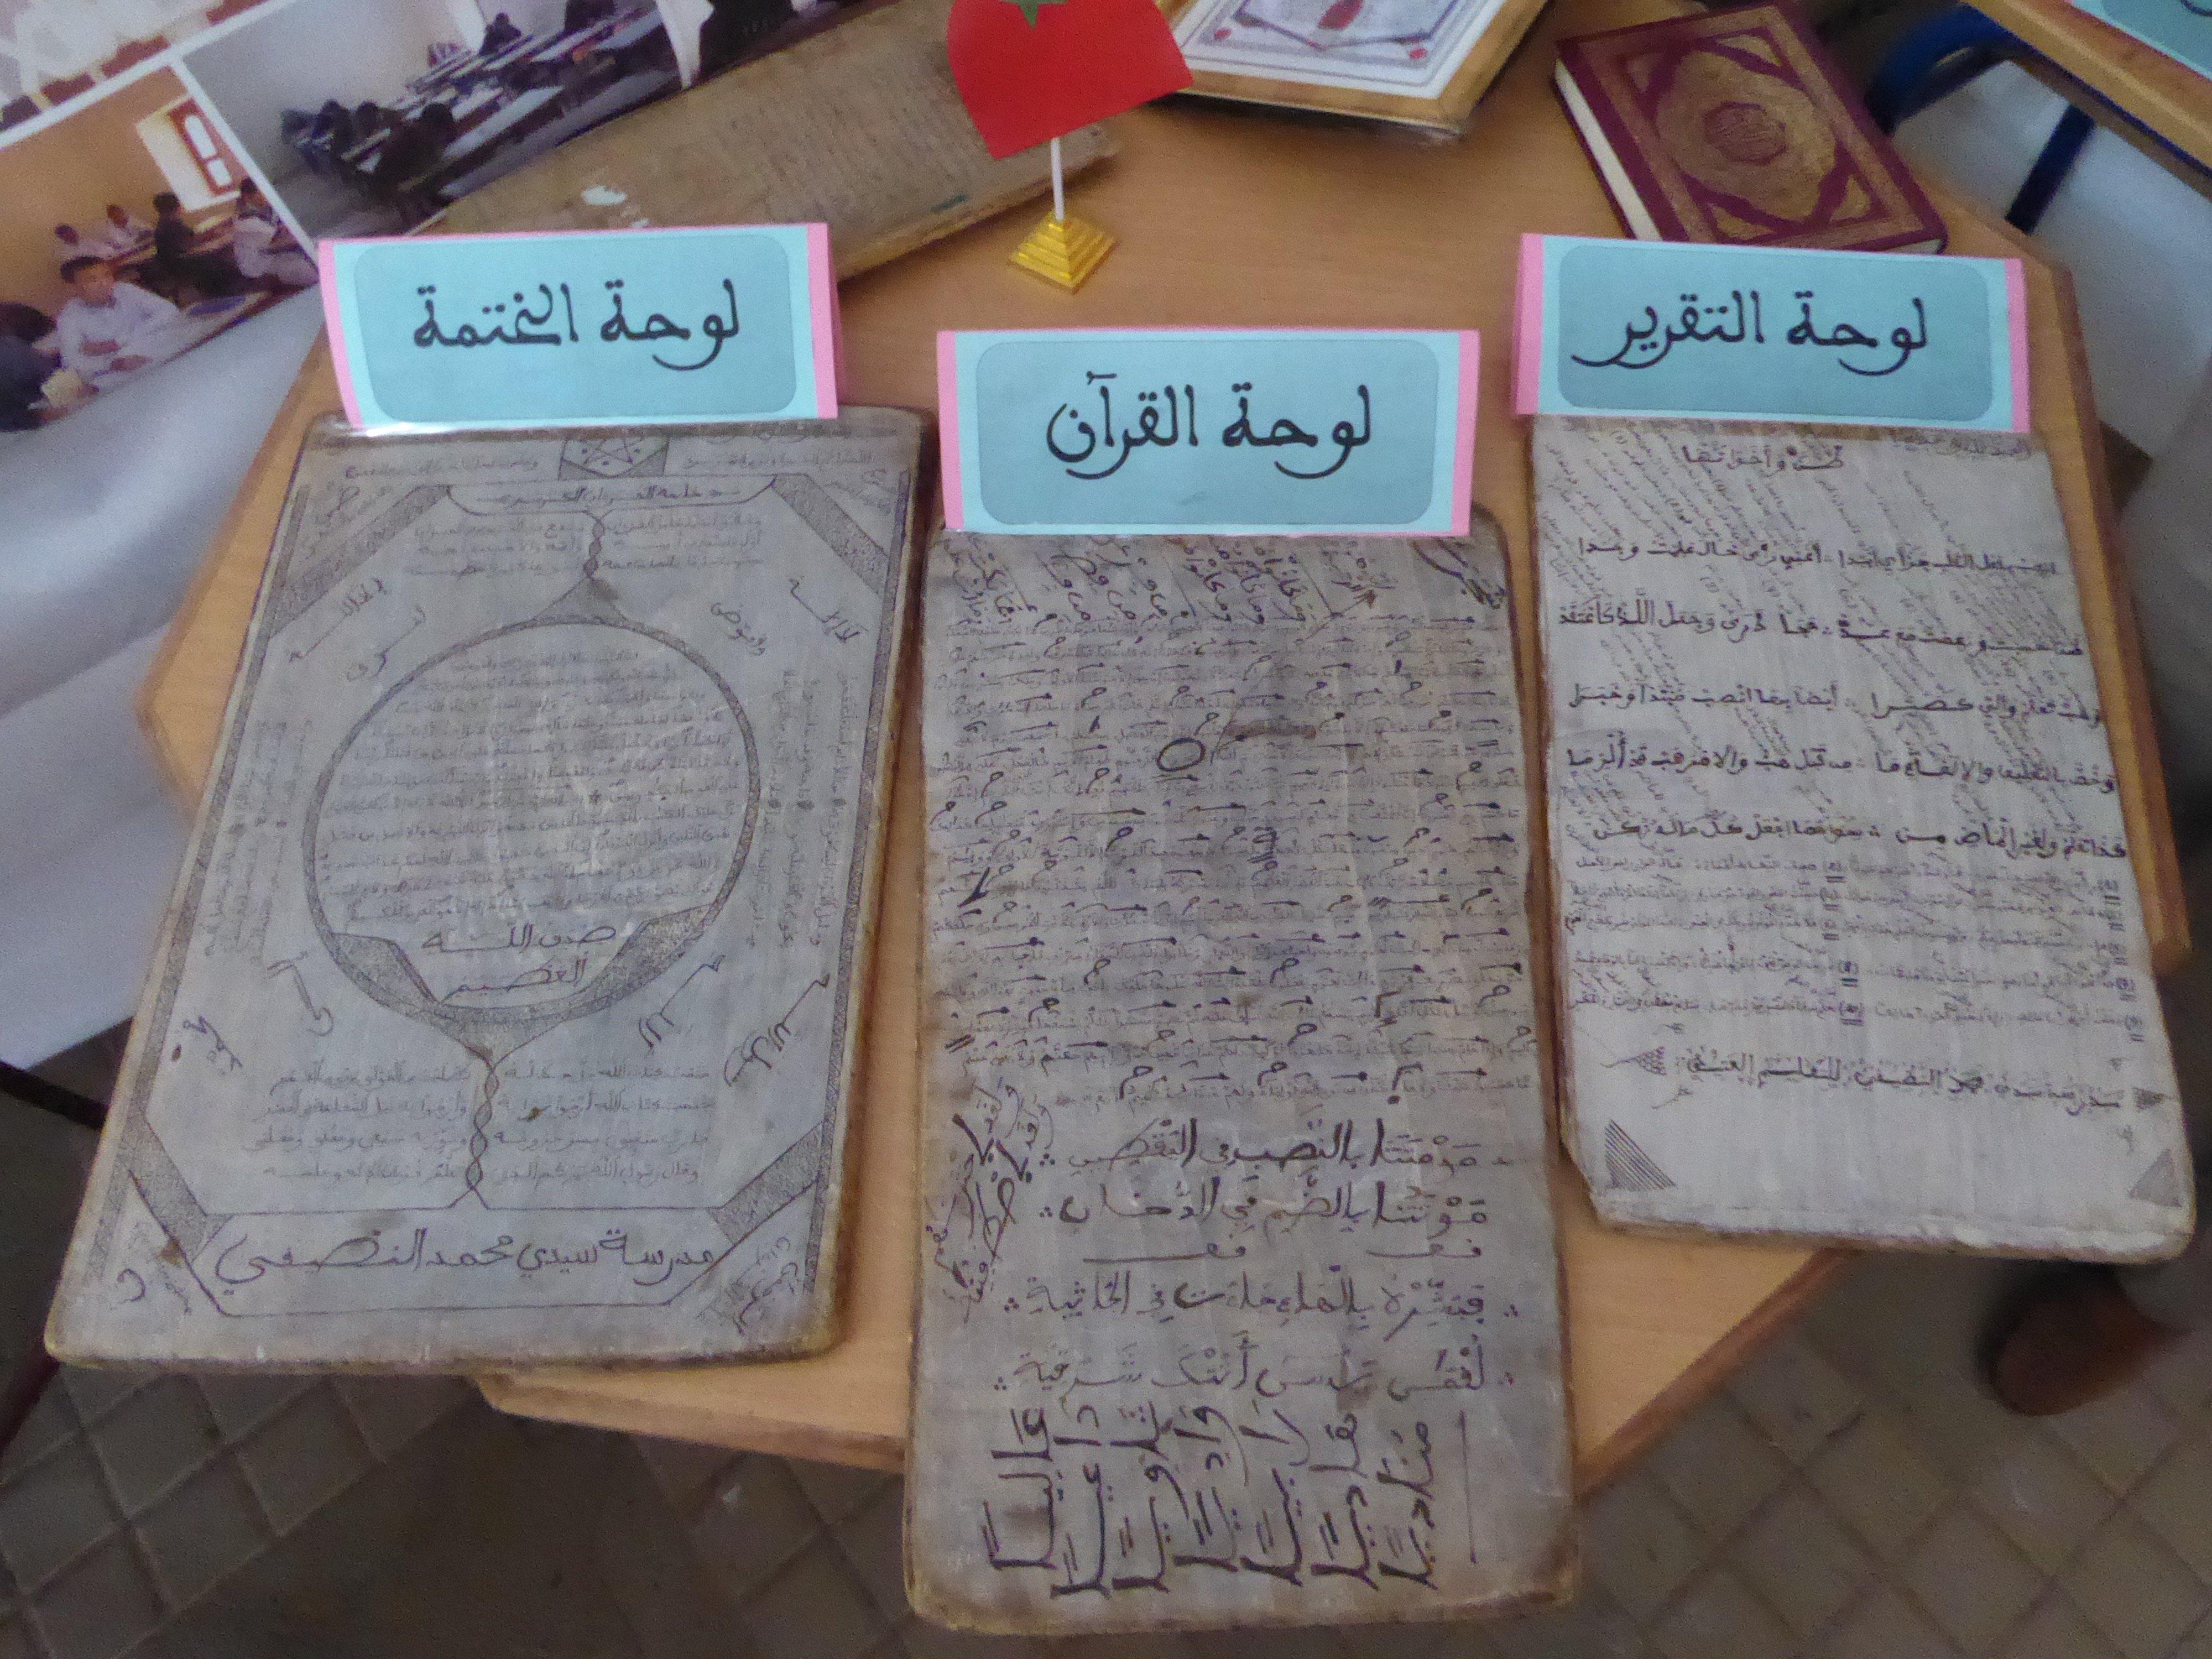 Tablettes étudiants d'école coranique; moussem de Tafraout, avril 2017 © Sabrina Mervin